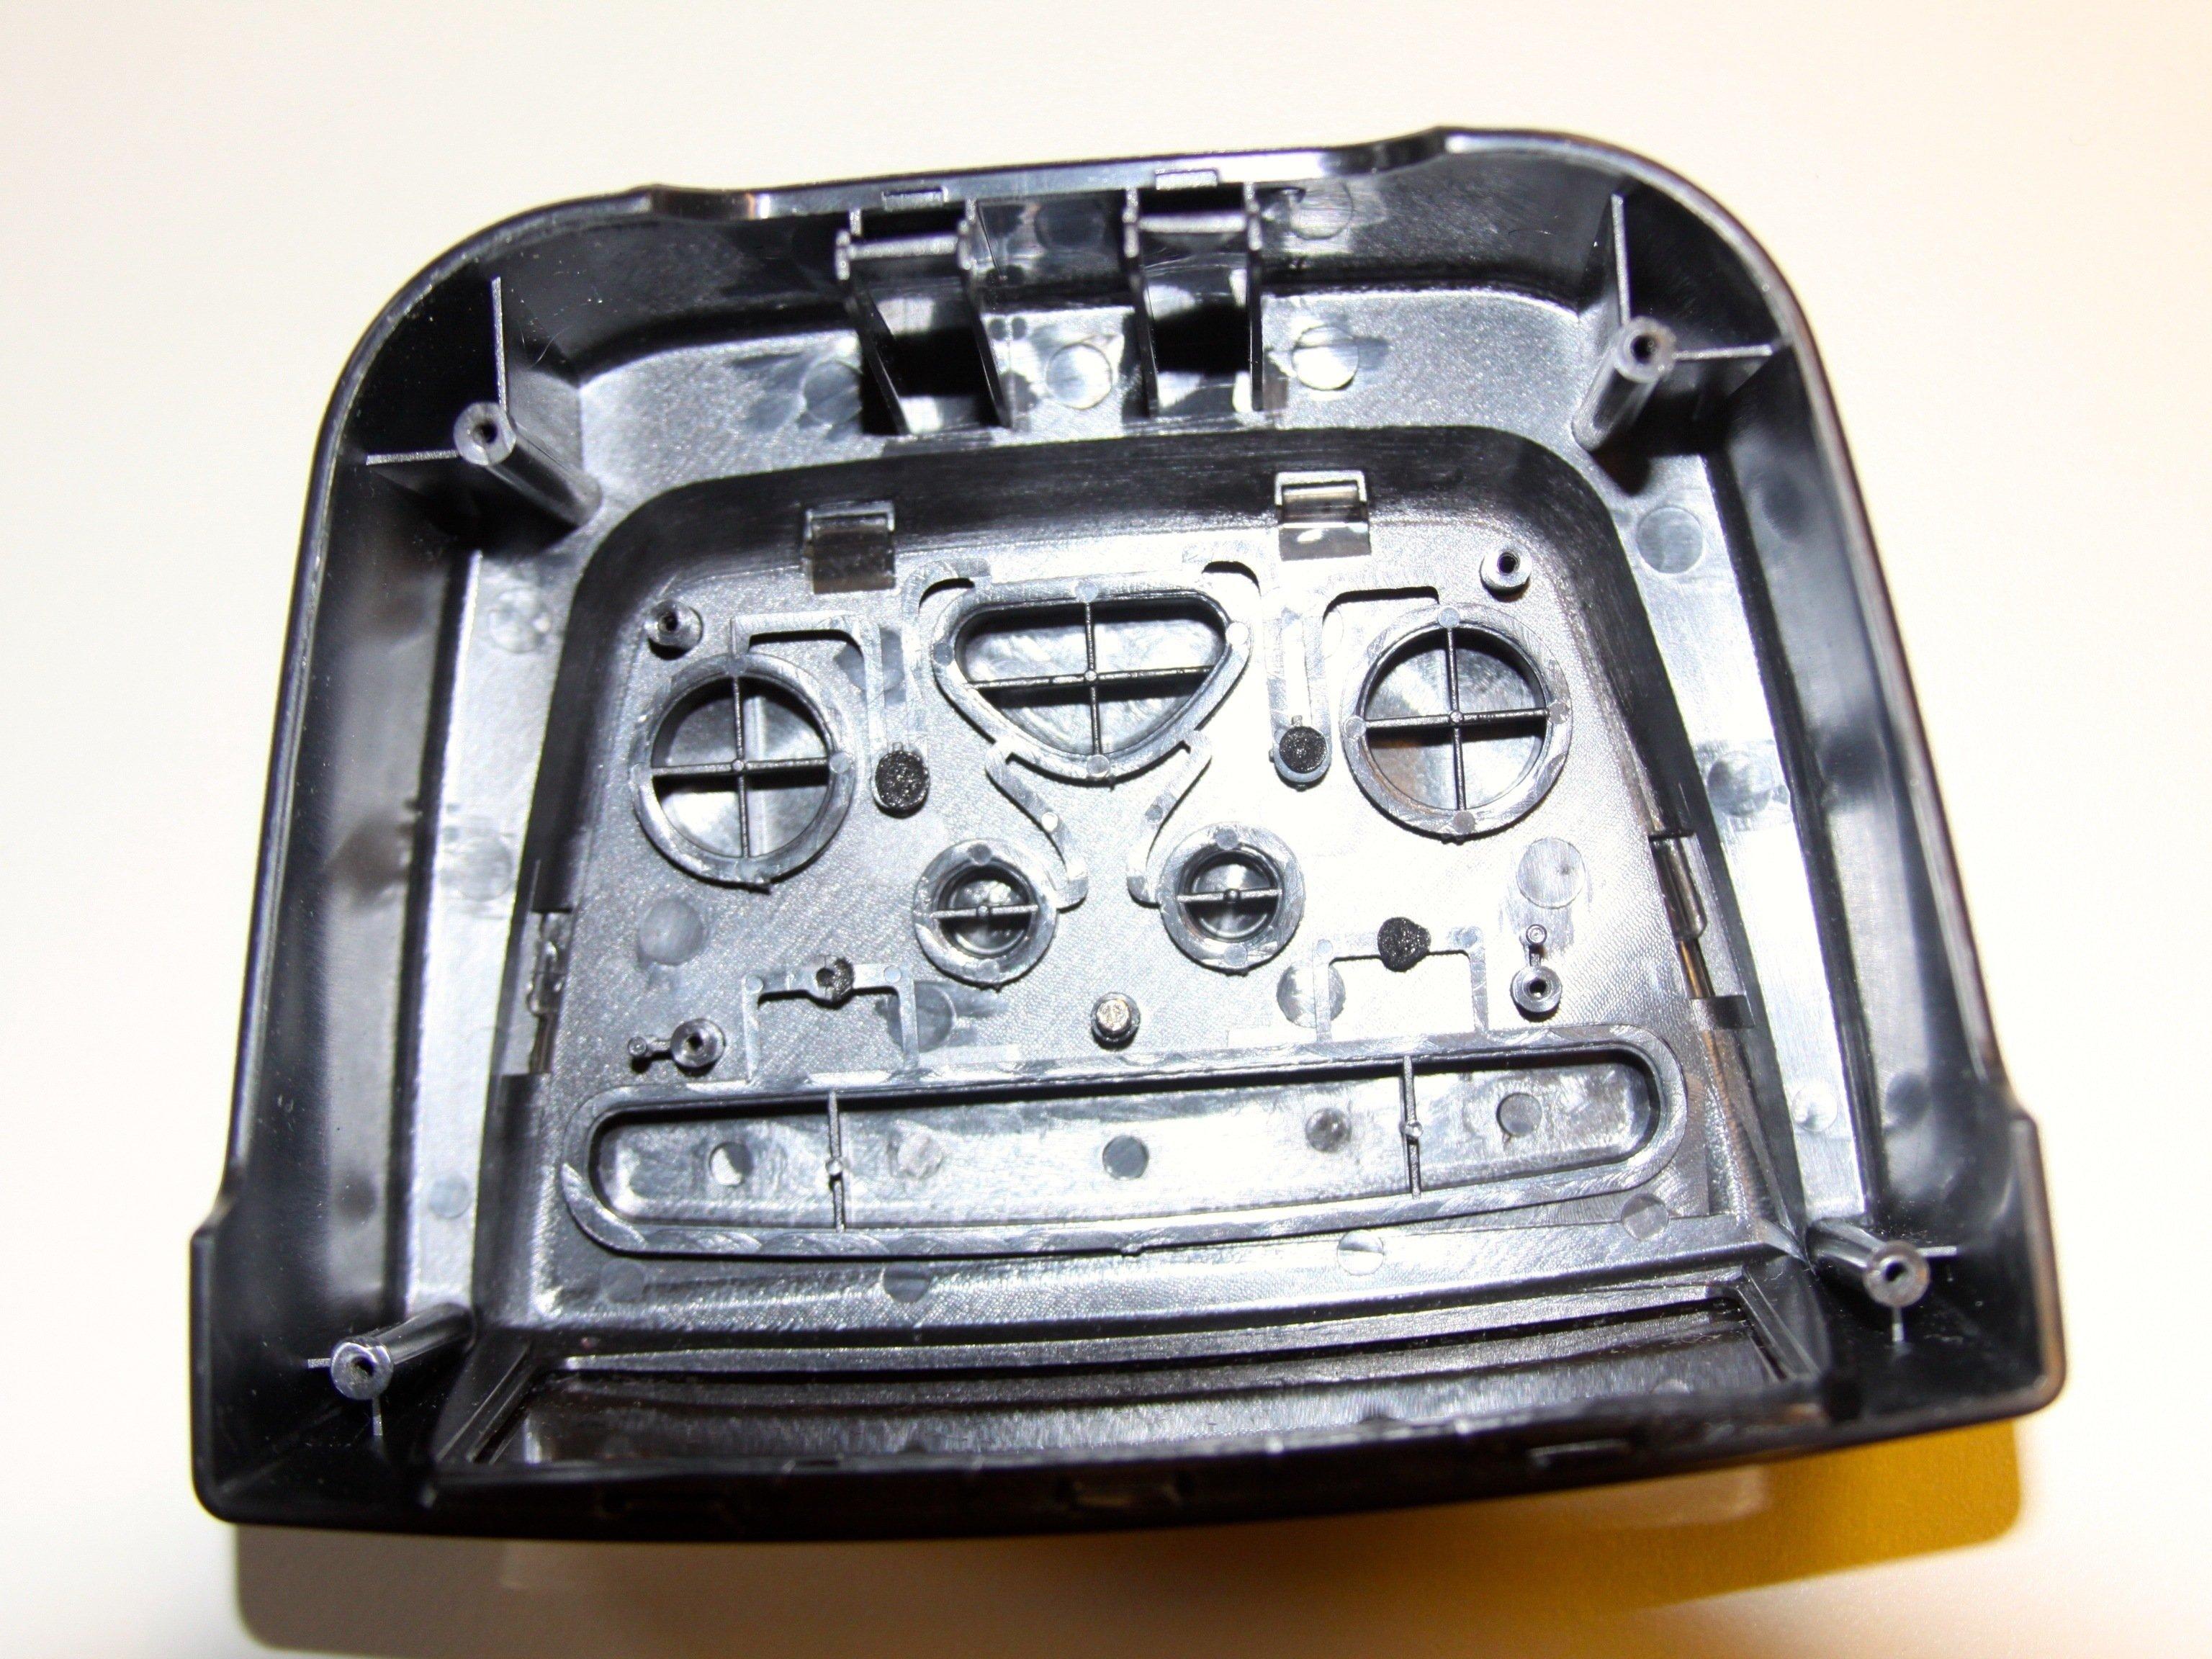 Repairing Acurite Intelli-time Alarm Clock Unresponsive Buttons